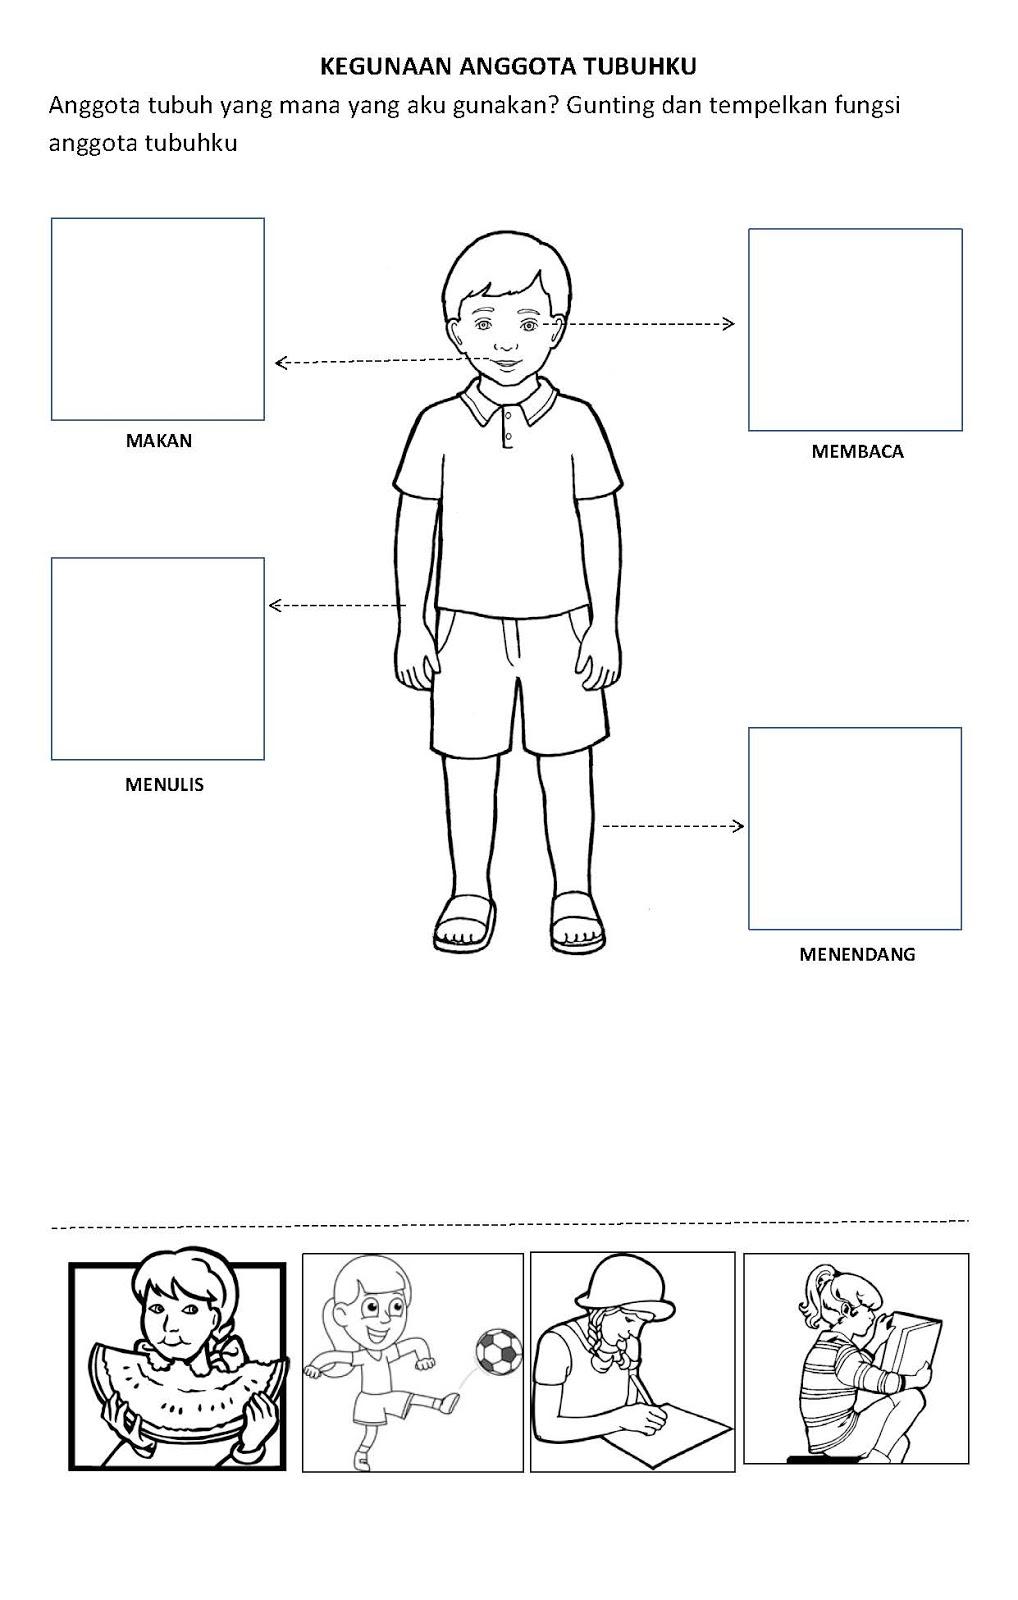 Worksheets Worksheet-anggota-tubuh im happy now in paud pendidikan anak usia dini preschool lks reaksi